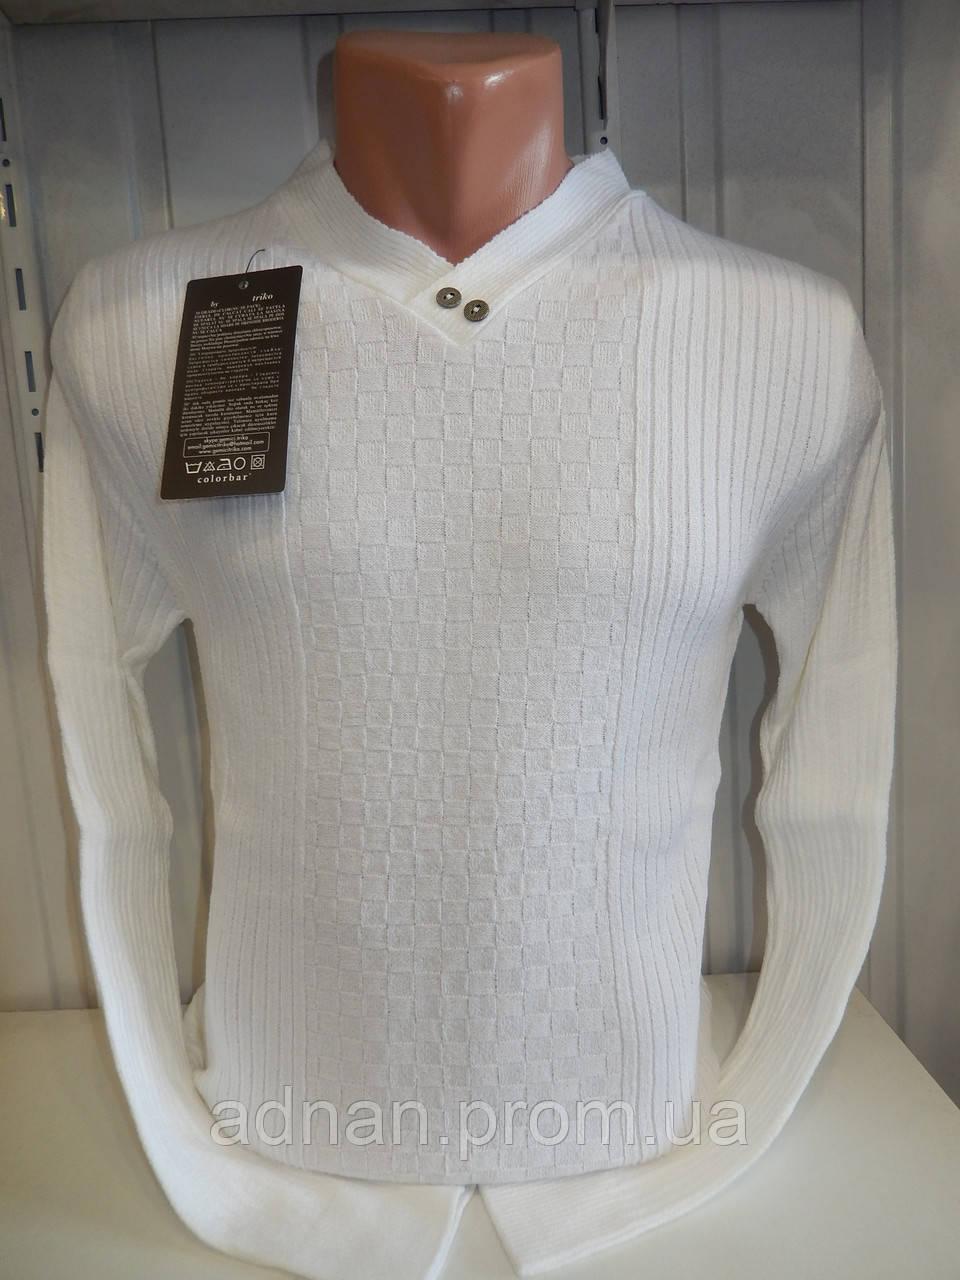 Свитер мужской COLORBAR, узор на фото 004/ купиь свитер мужской оптом